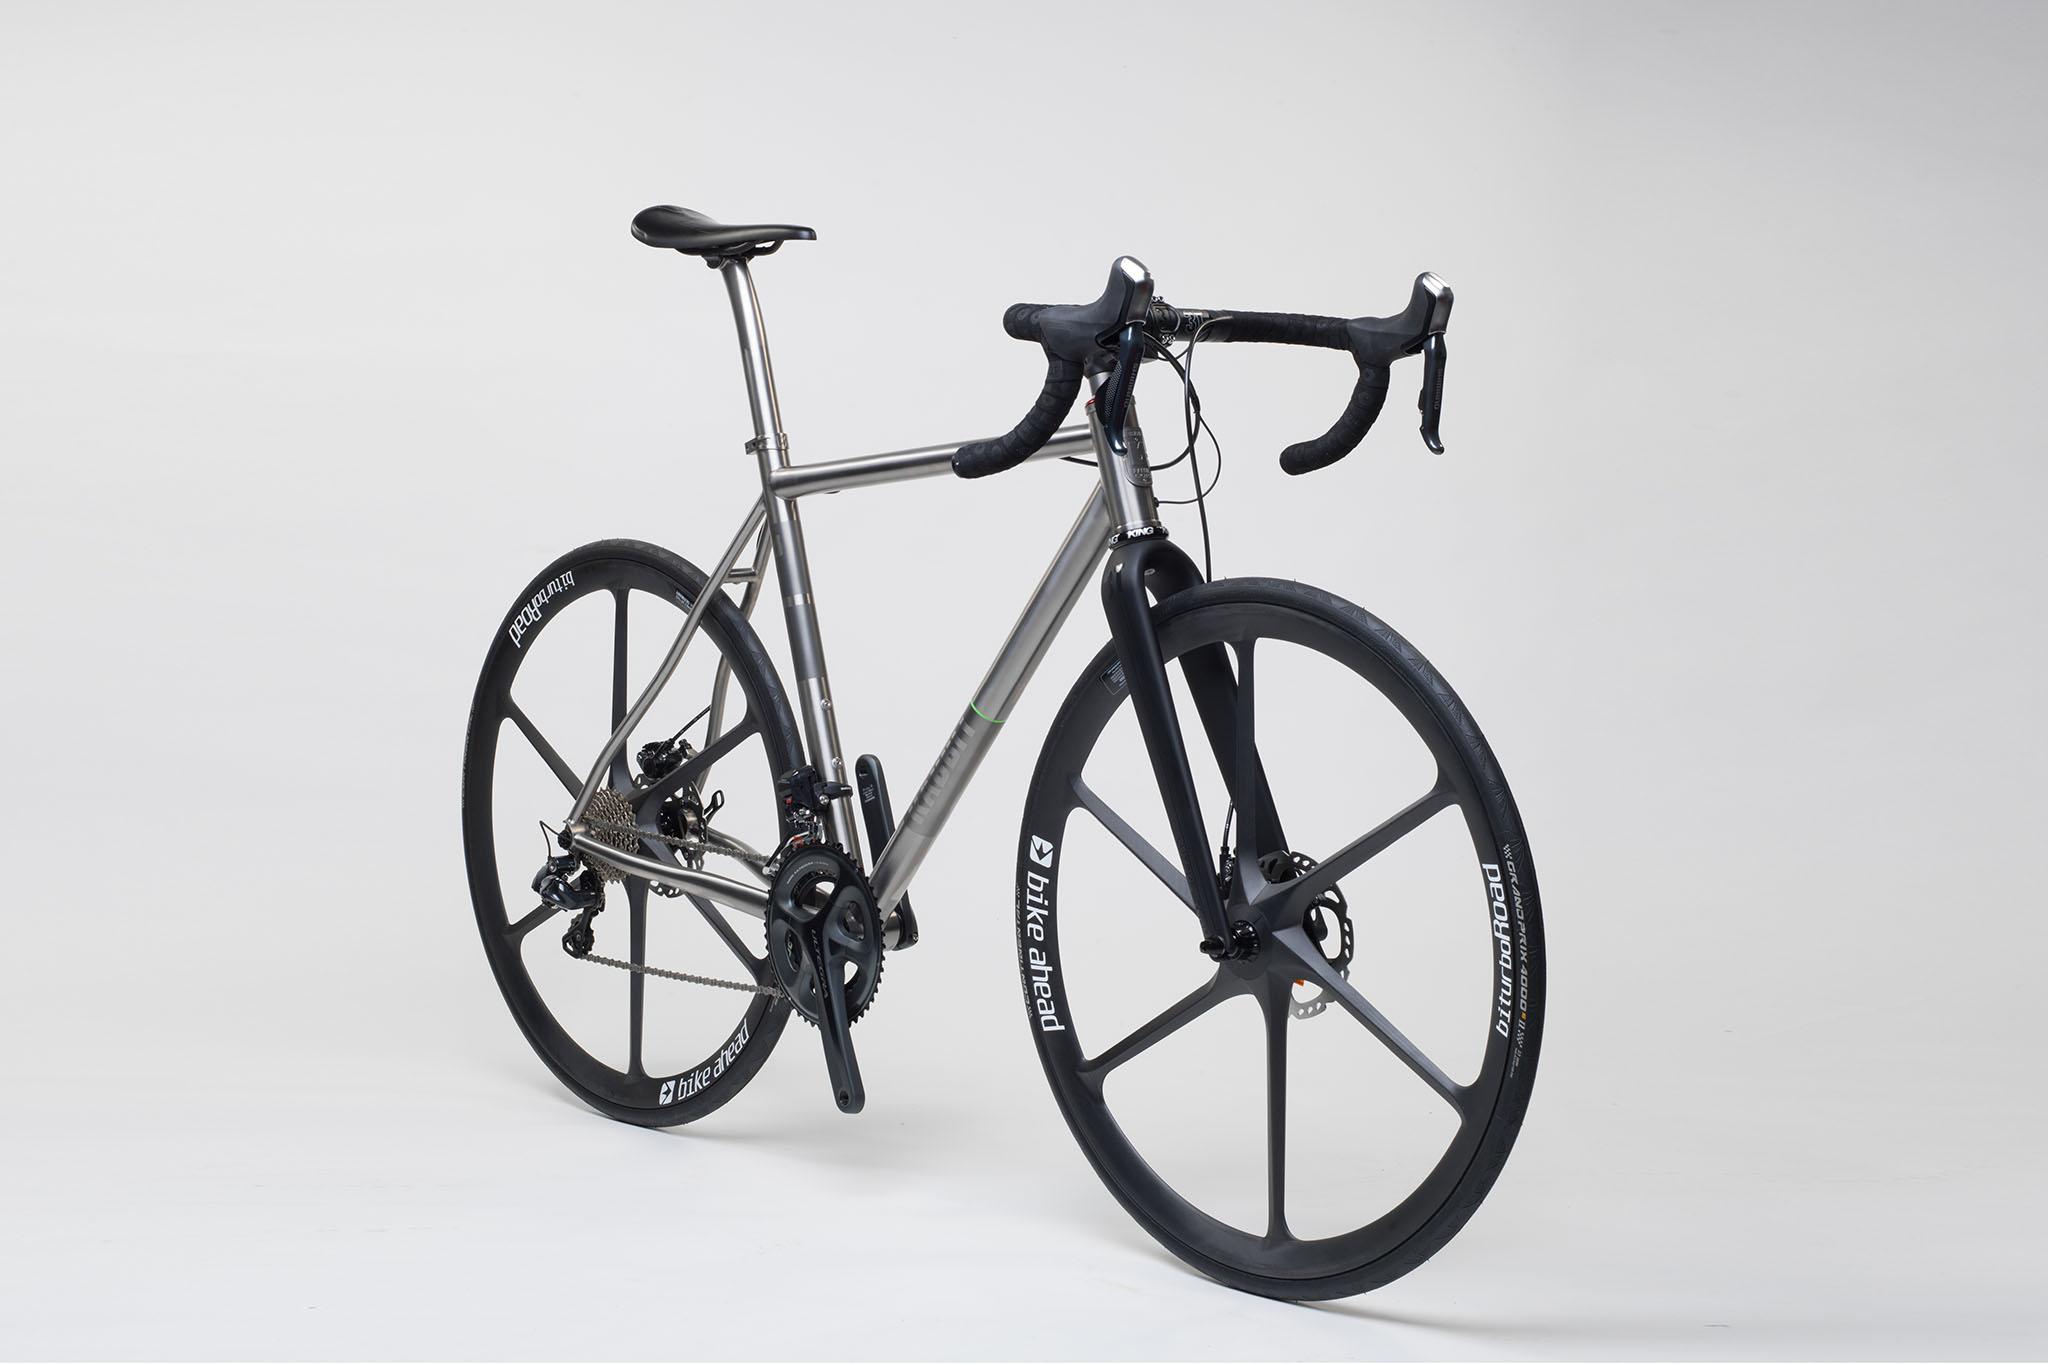 titan_road_disc_bike_ahead_carbon_wheels_18_from_rabbit_titan_cycles_bavaria